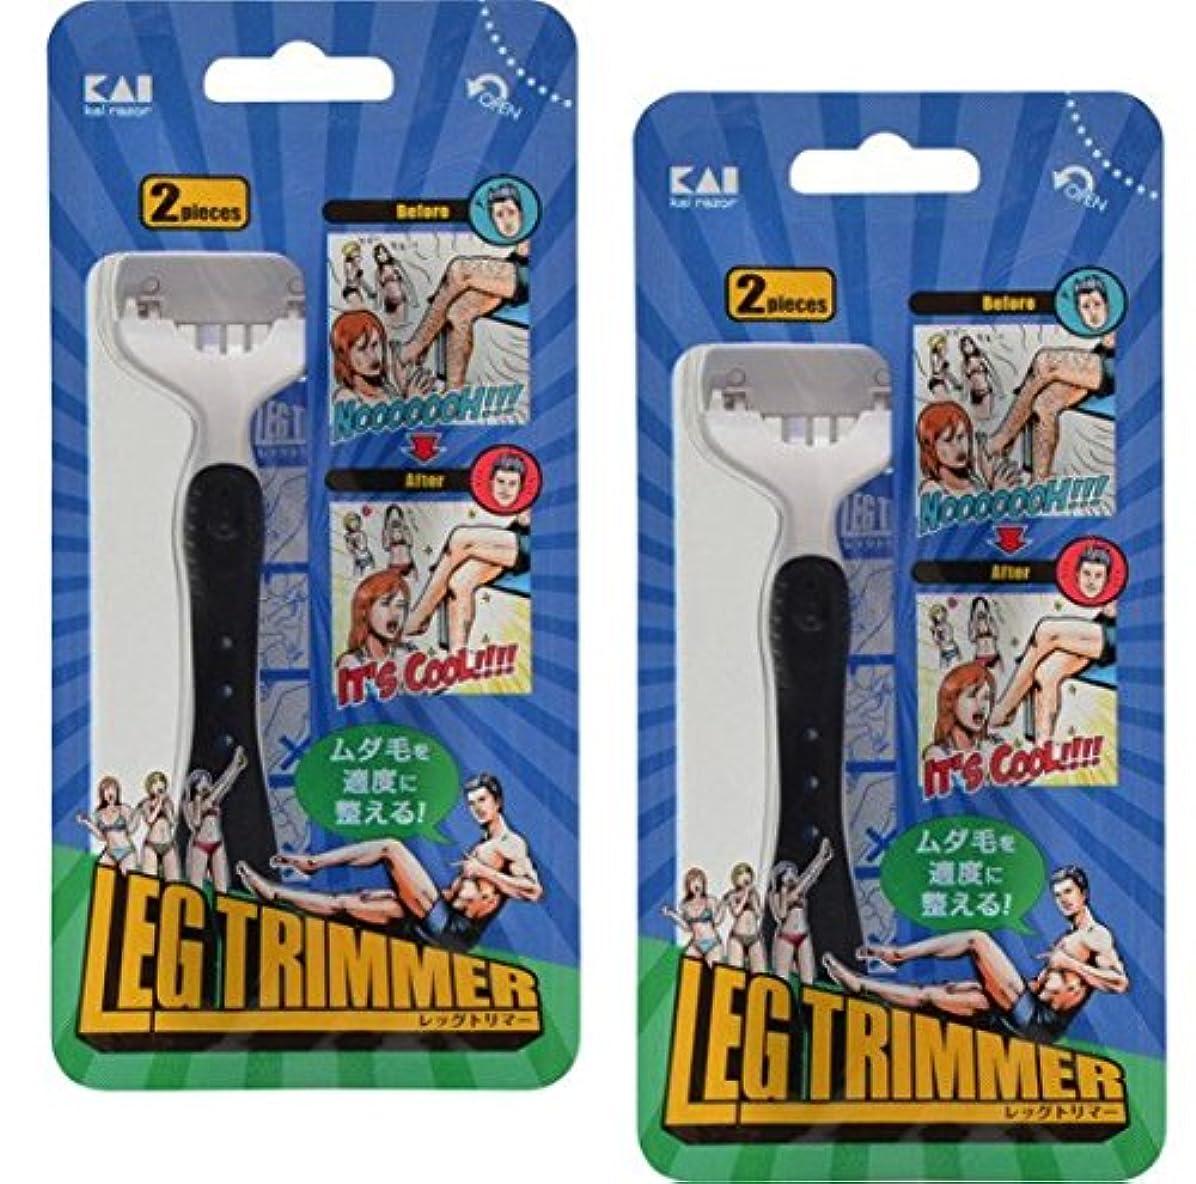 想像力豊かな人種ボアLEG TRIMMER レッグトリマー (むだ毛を適度に整えるカミソリ)2本入 2セット